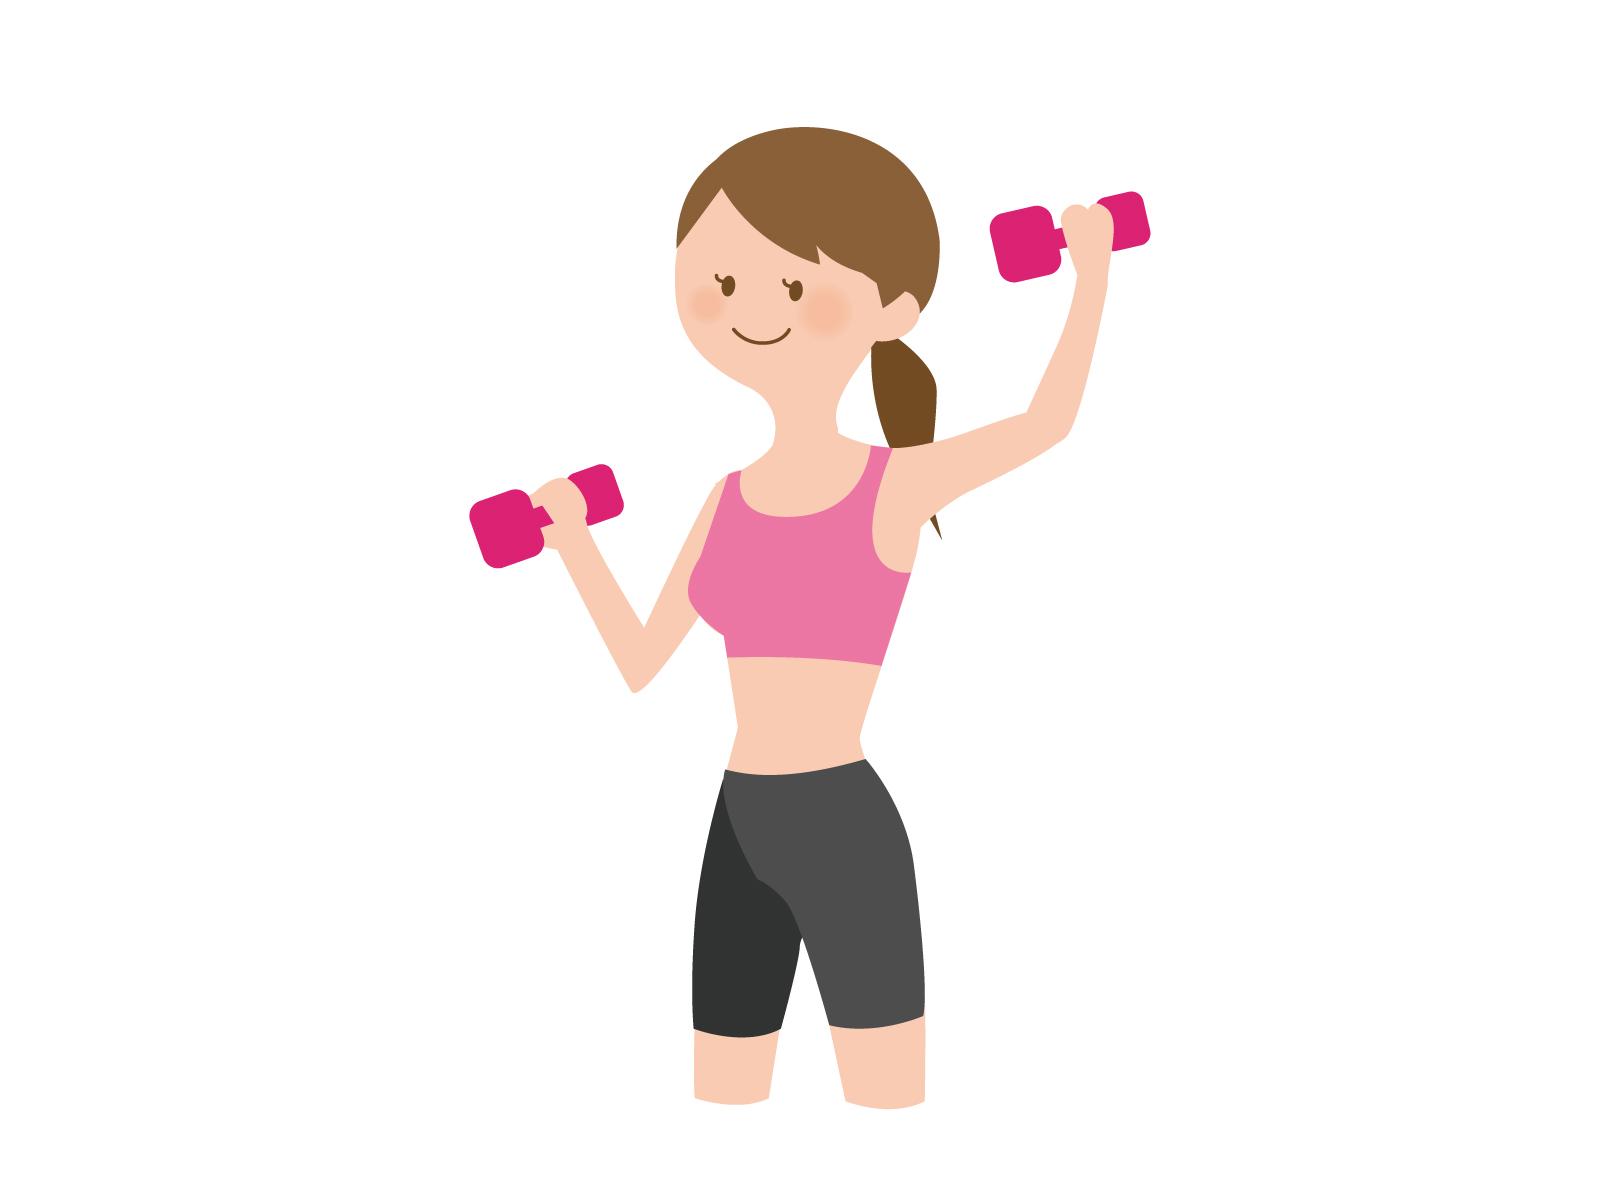 大切なのは筋肉をつけること